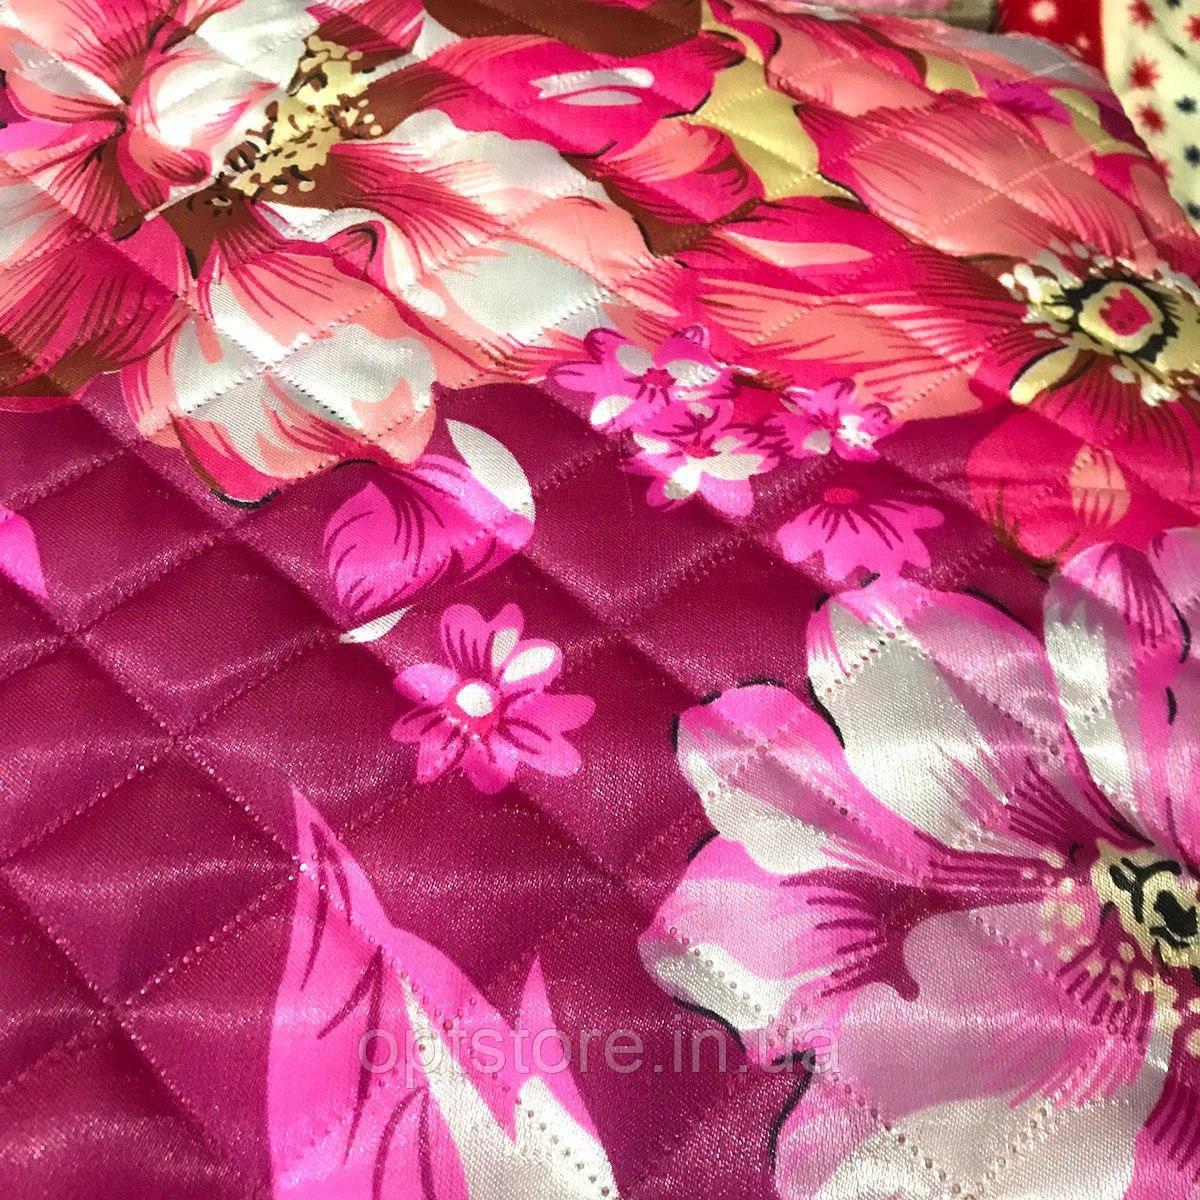 Атласное летнее одеяло-покрывало полуторный размер 145/205 см